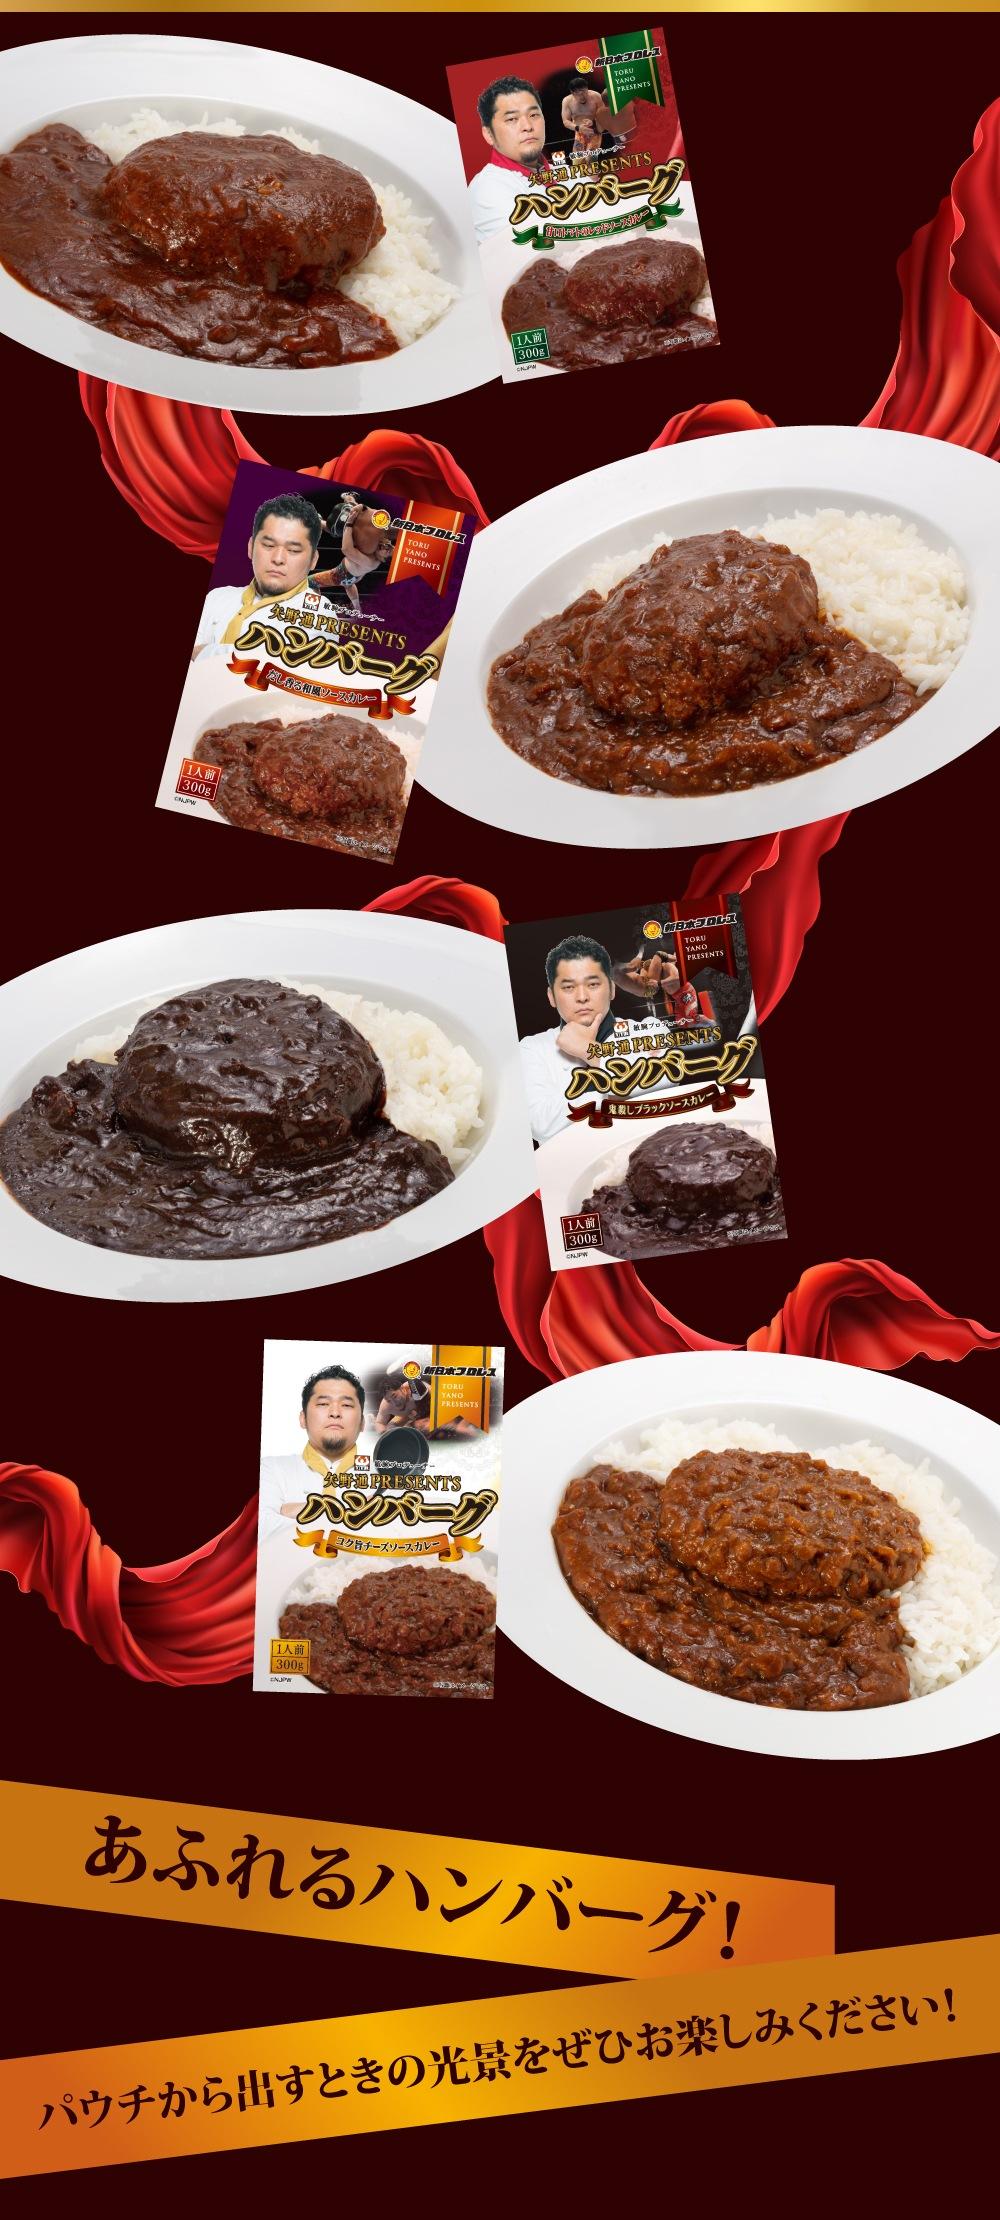 矢野通Presentsハンバーグカレーあふれるハンバーグ!パウチから出すときの光景をぜひお楽しみください。